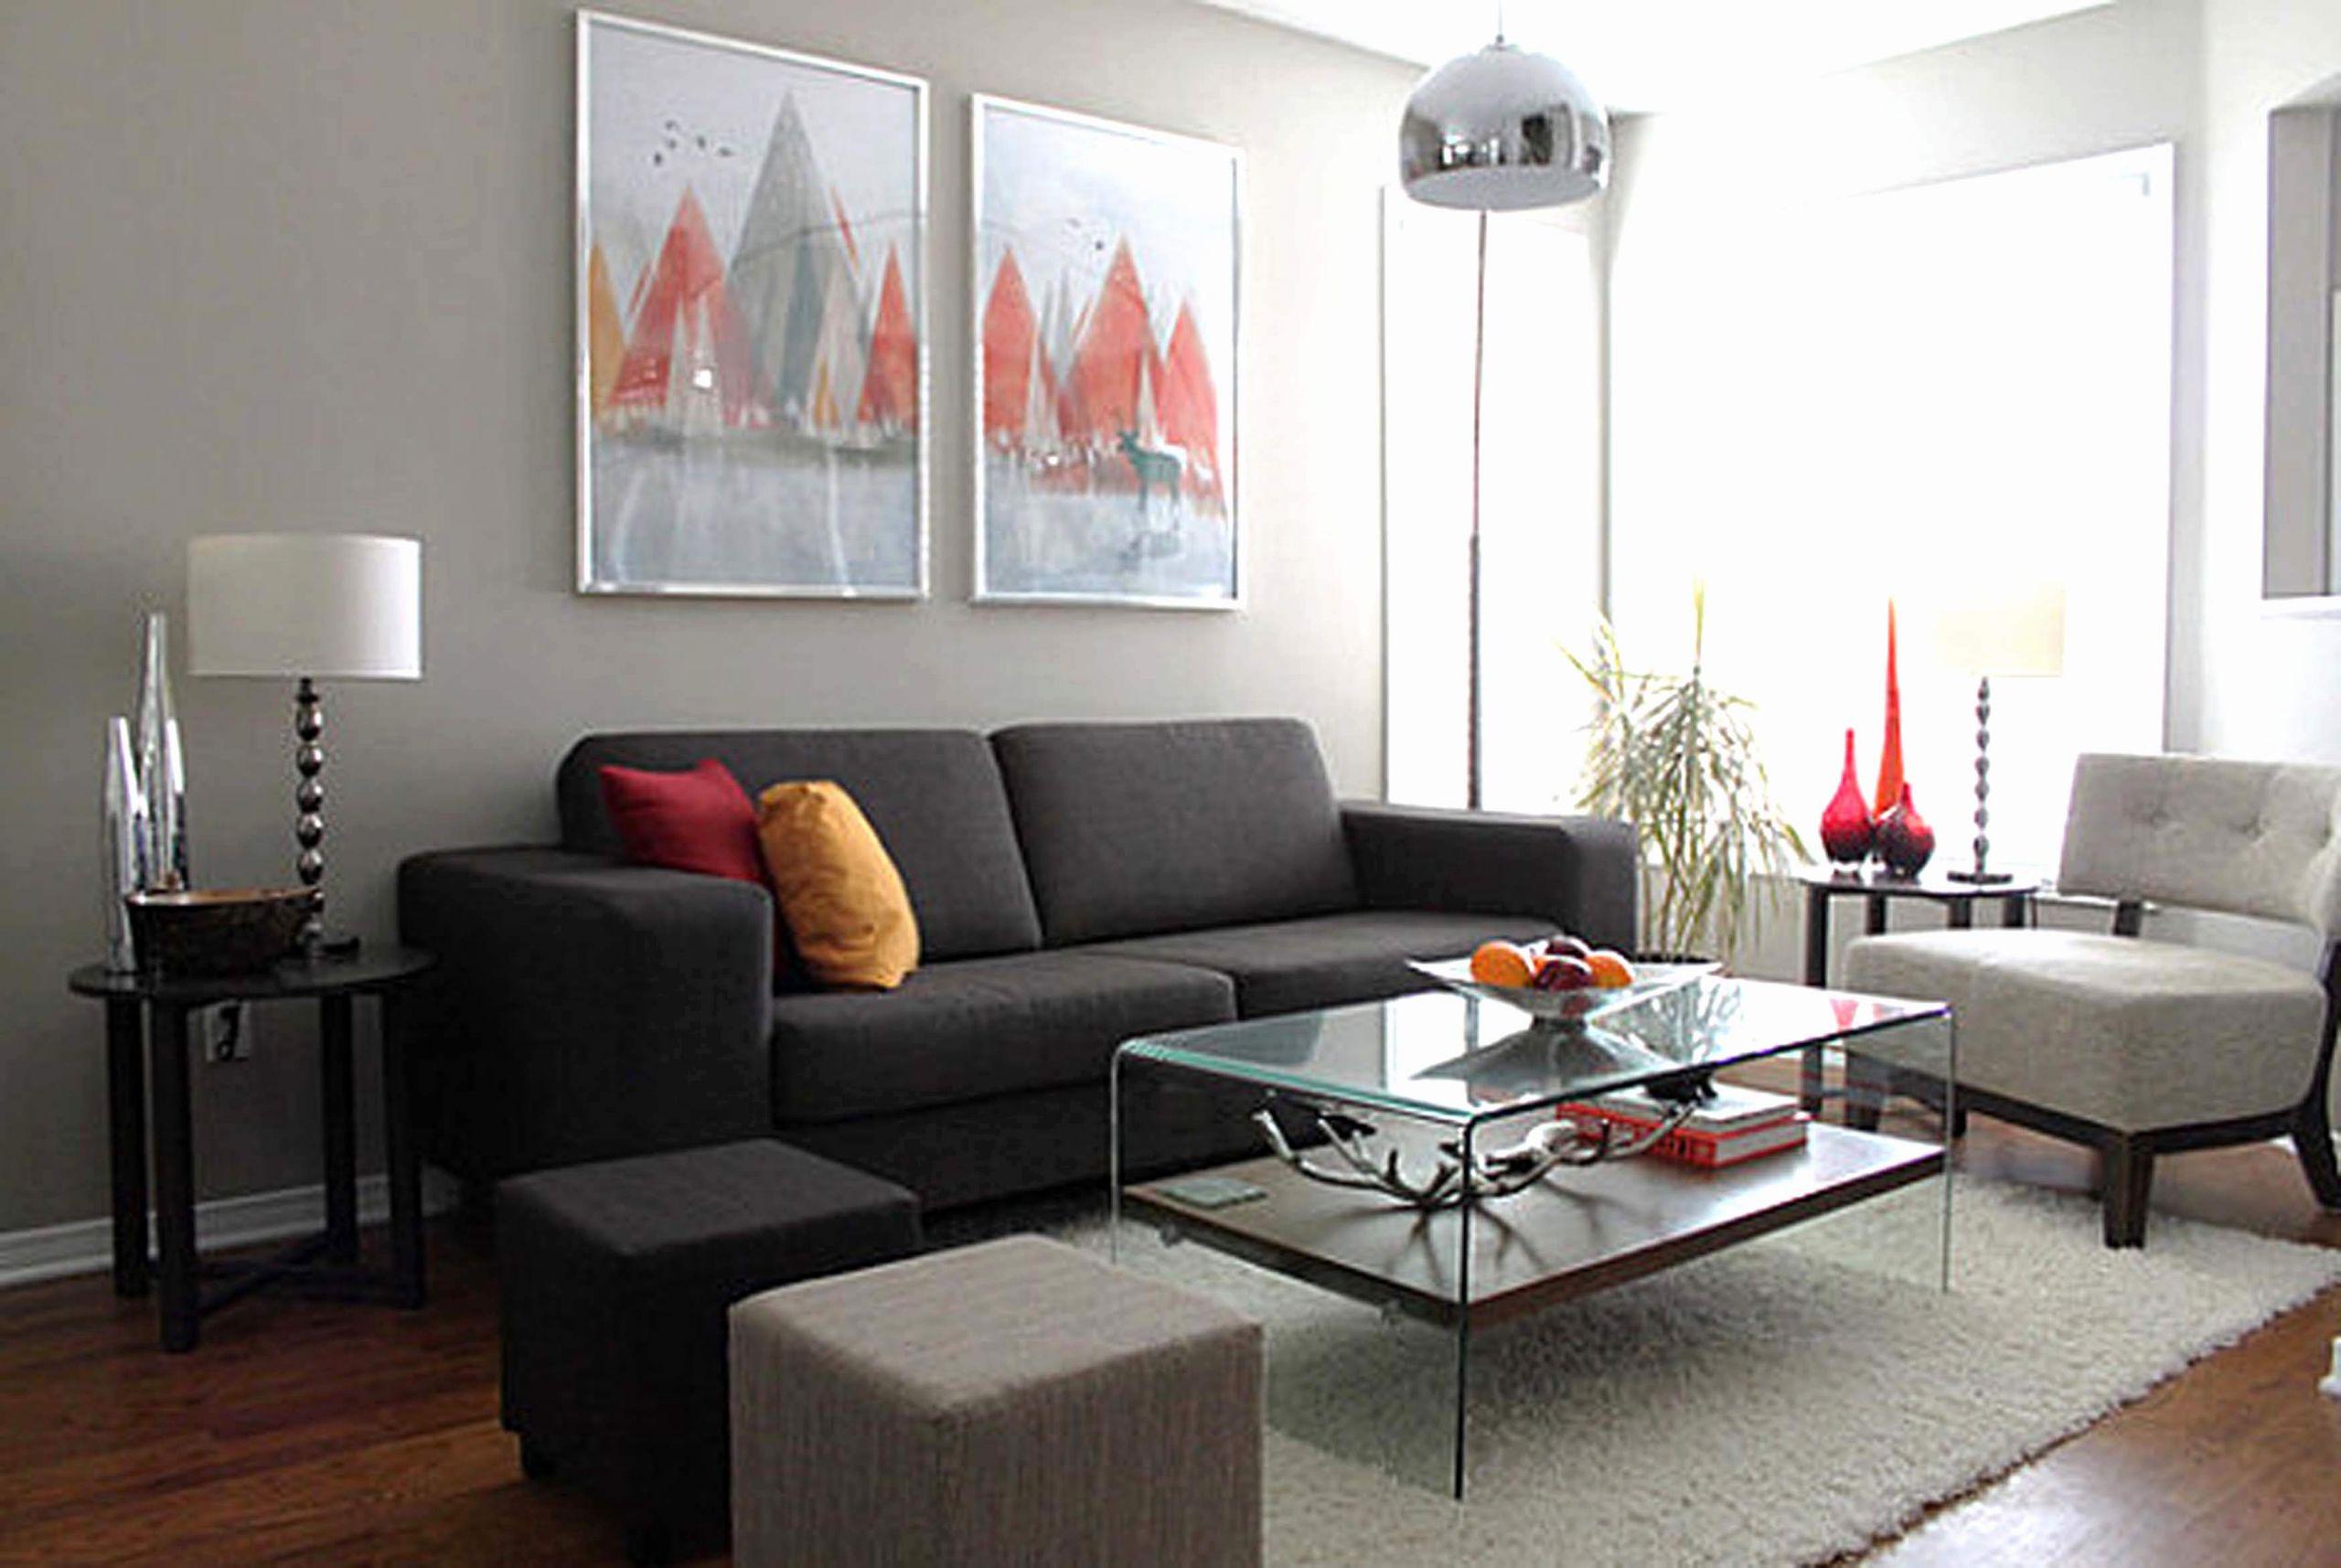 ideen furs wohnzimmer schon schone wohnzimmer ideen neu was fur holz fur terrasse of ideen furs wohnzimmer